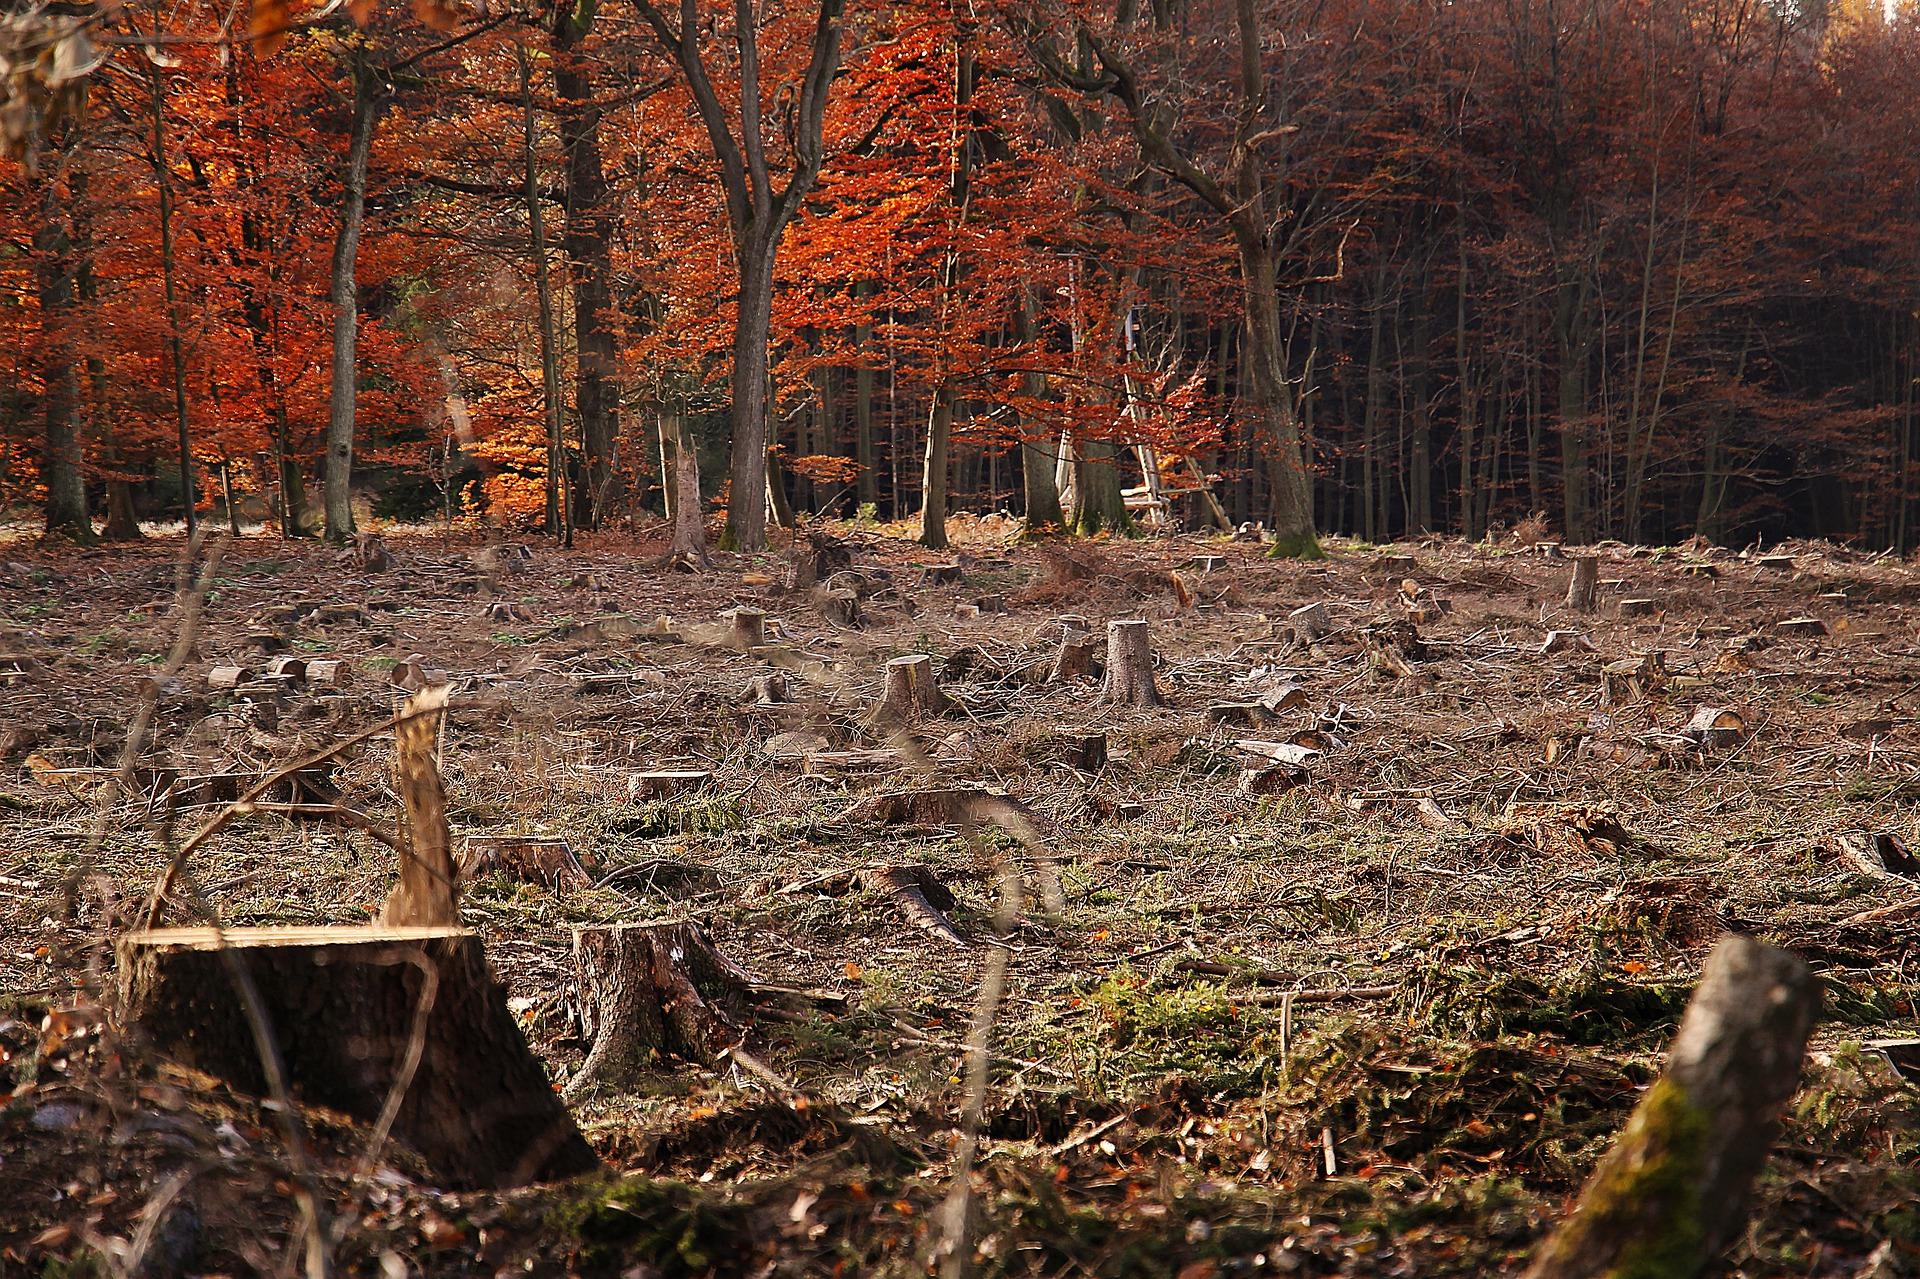 Rodung eines Waldes